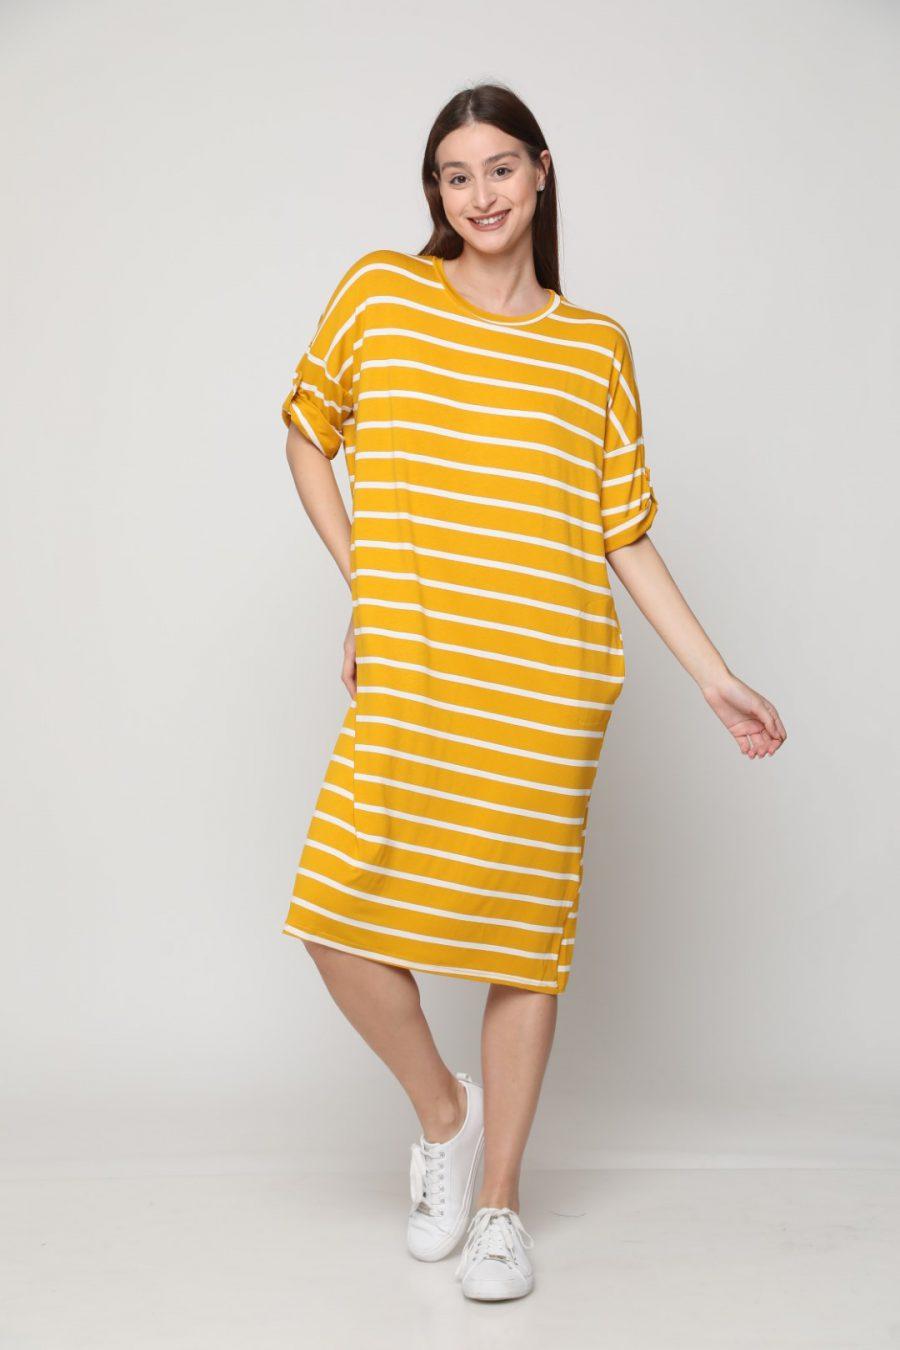 שמלה שירה פסים צהוב